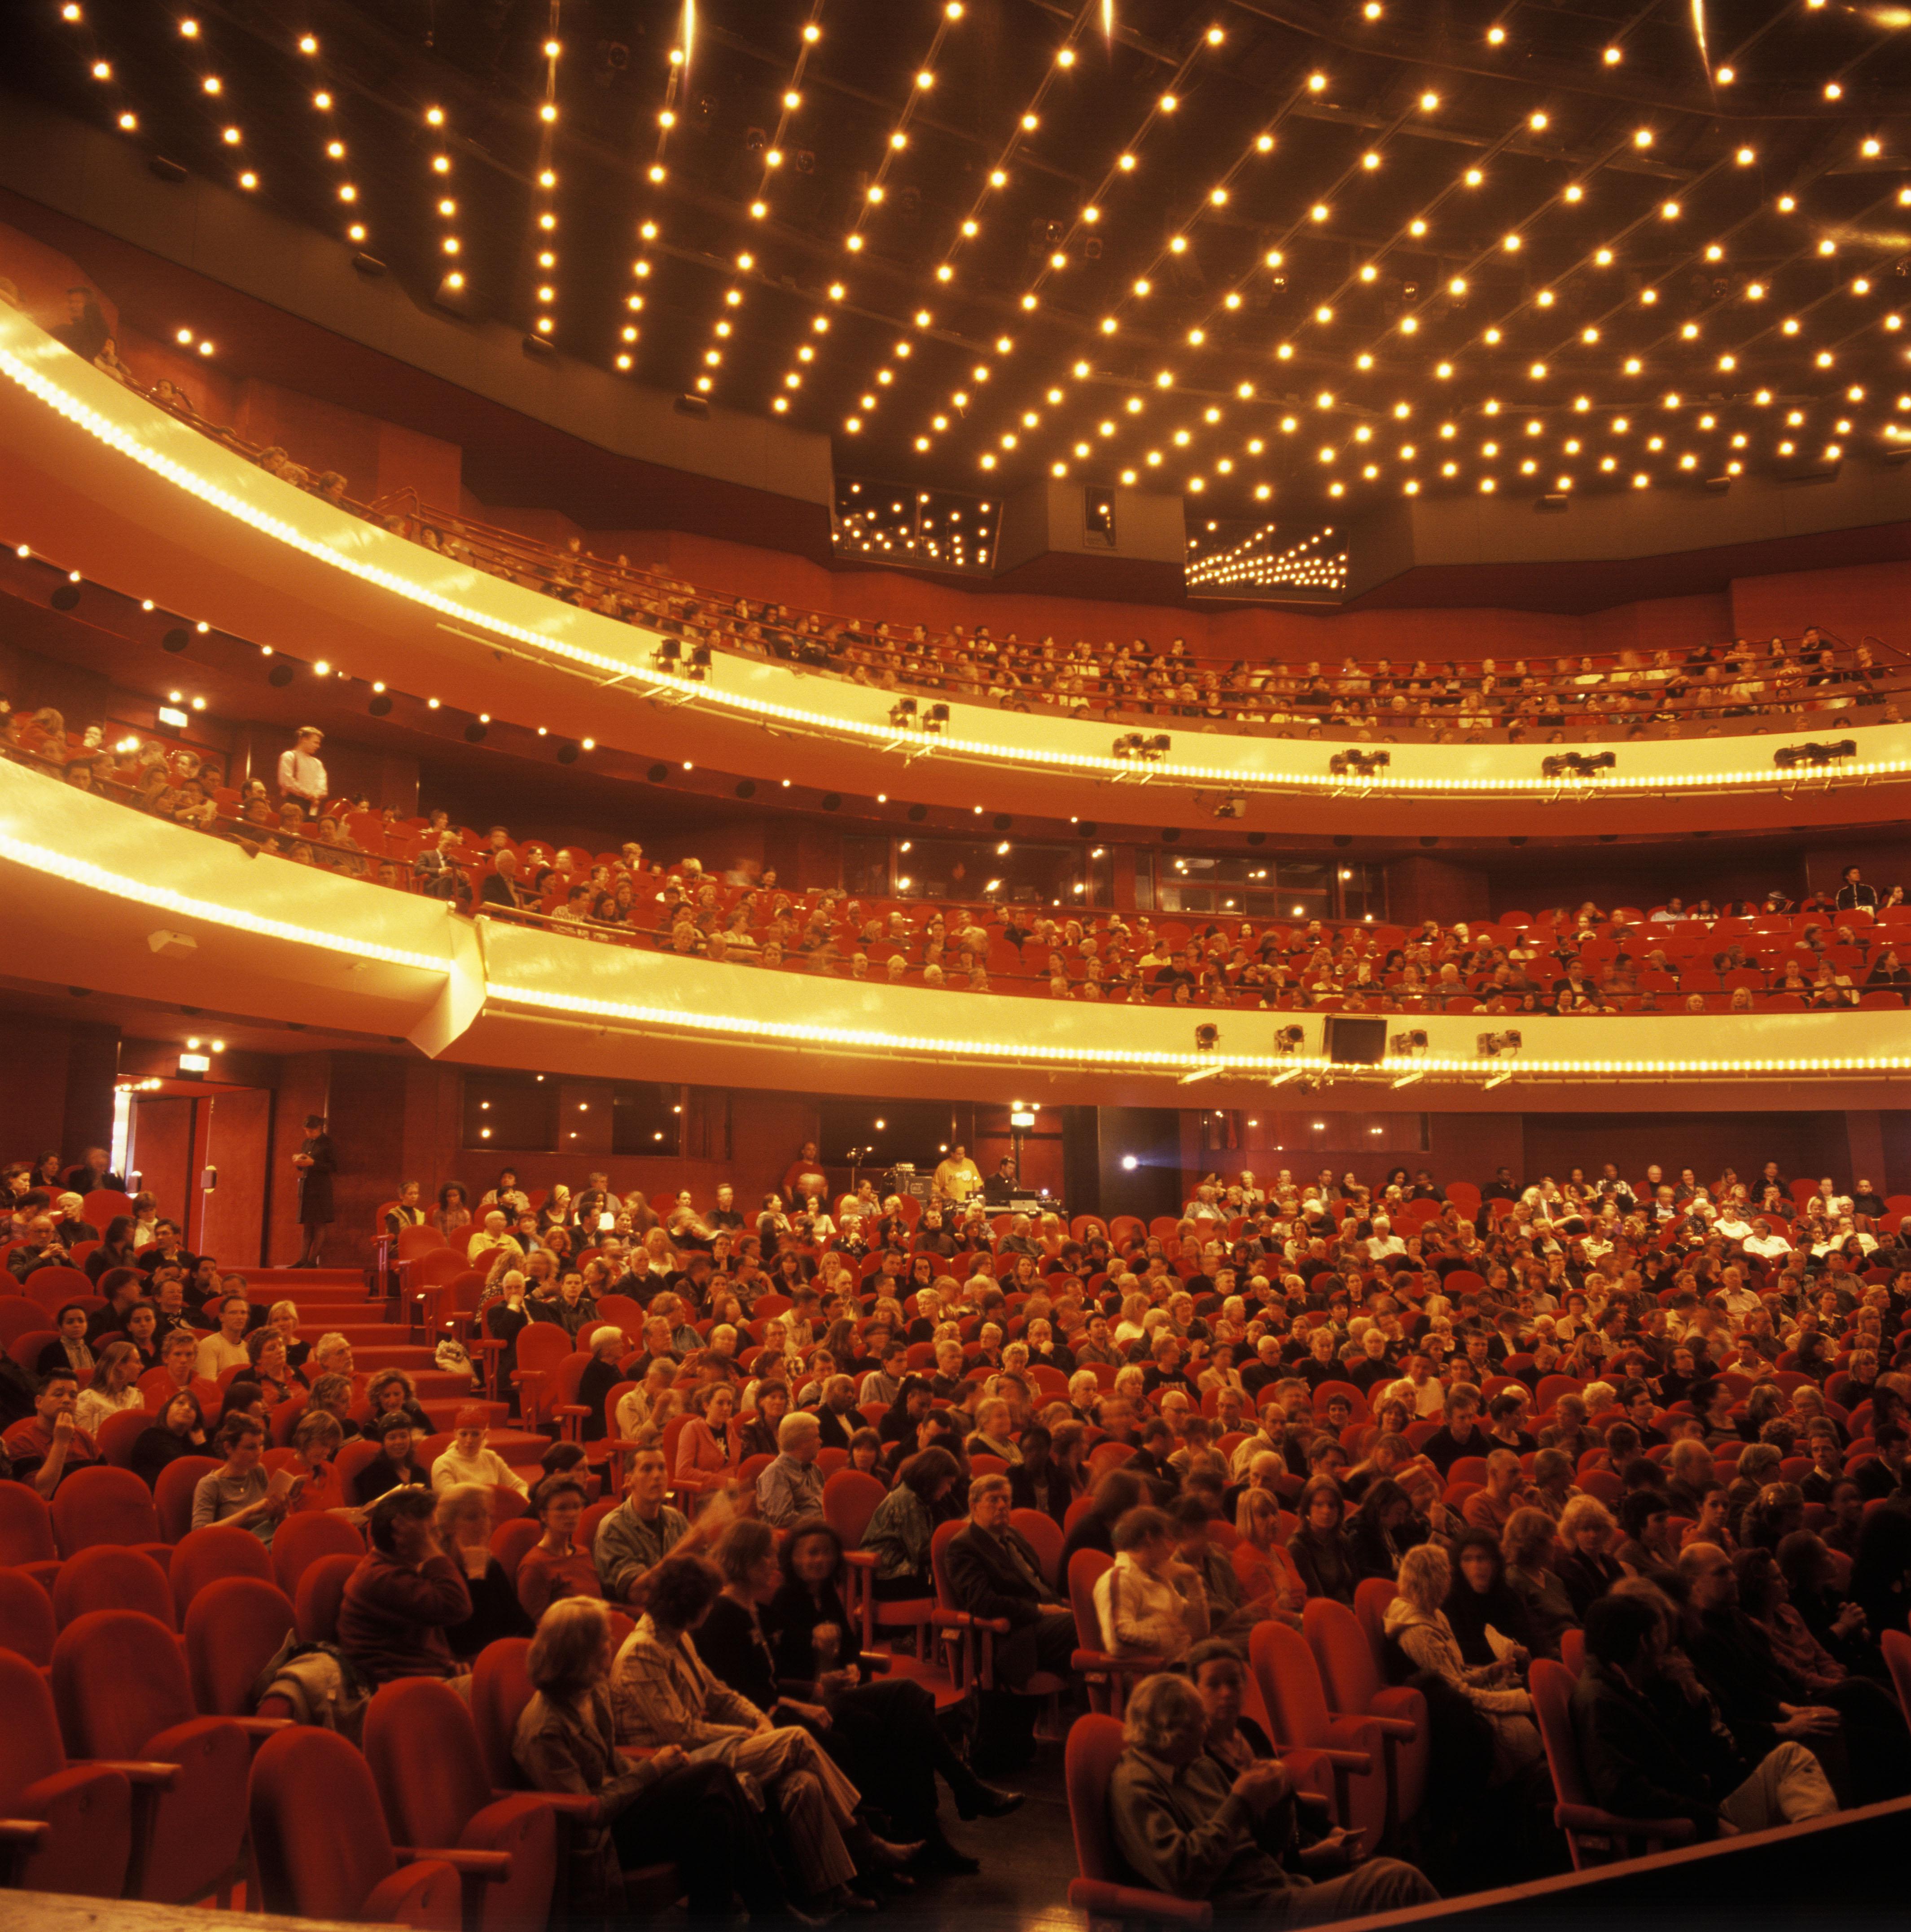 Fail de zaal van het muziektheater vikipeedia vaba ents klopeedia - Versiering van de zaal van het tienermeisje van ...